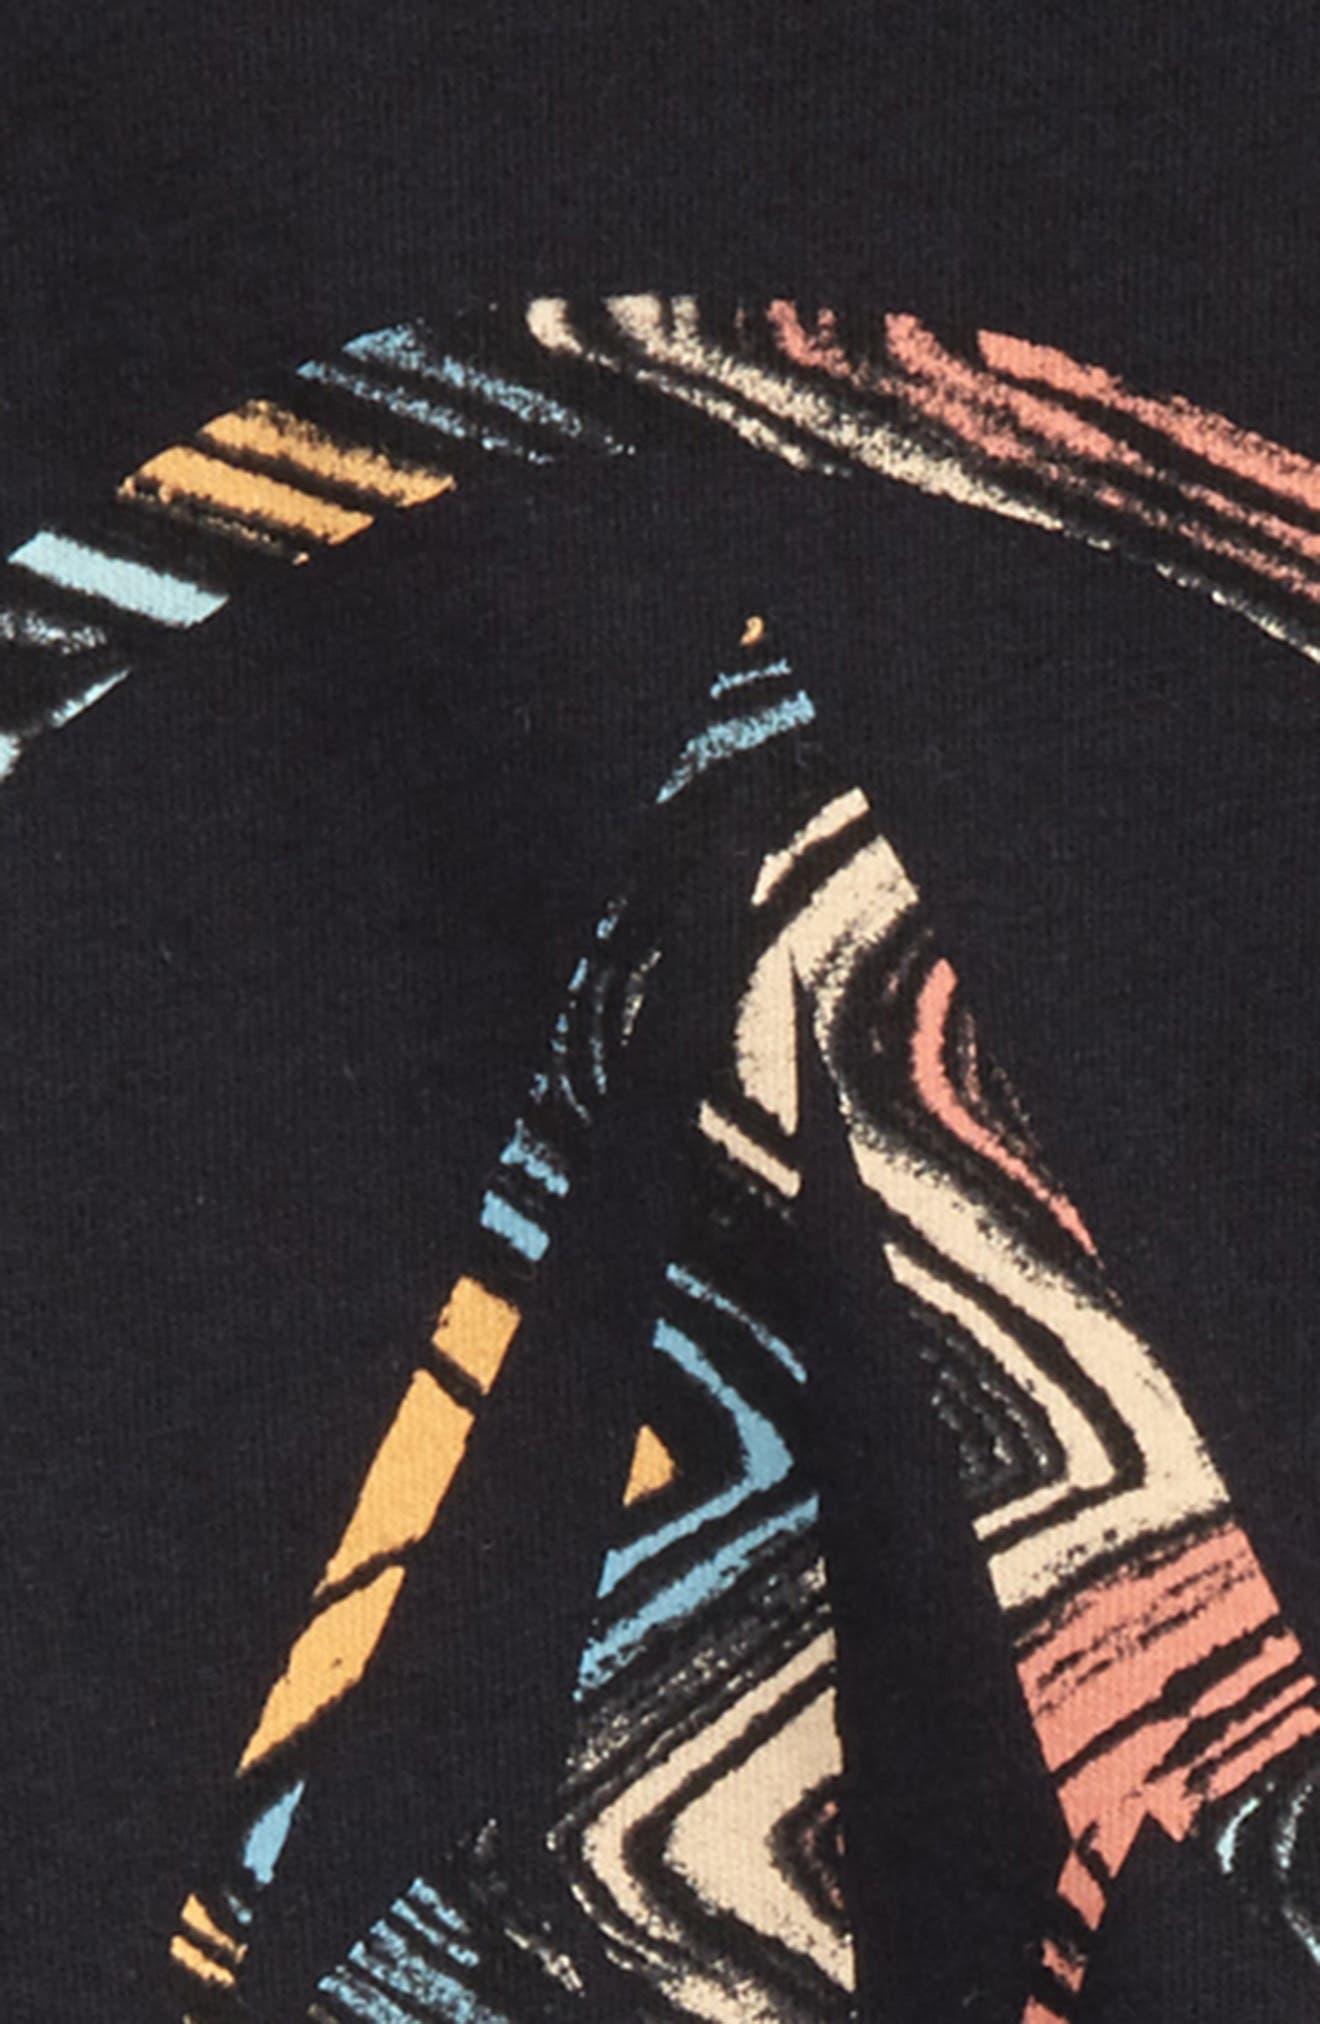 Lo-Fi Stone Logo Graphic T-Shirt,                             Alternate thumbnail 2, color,                             Black